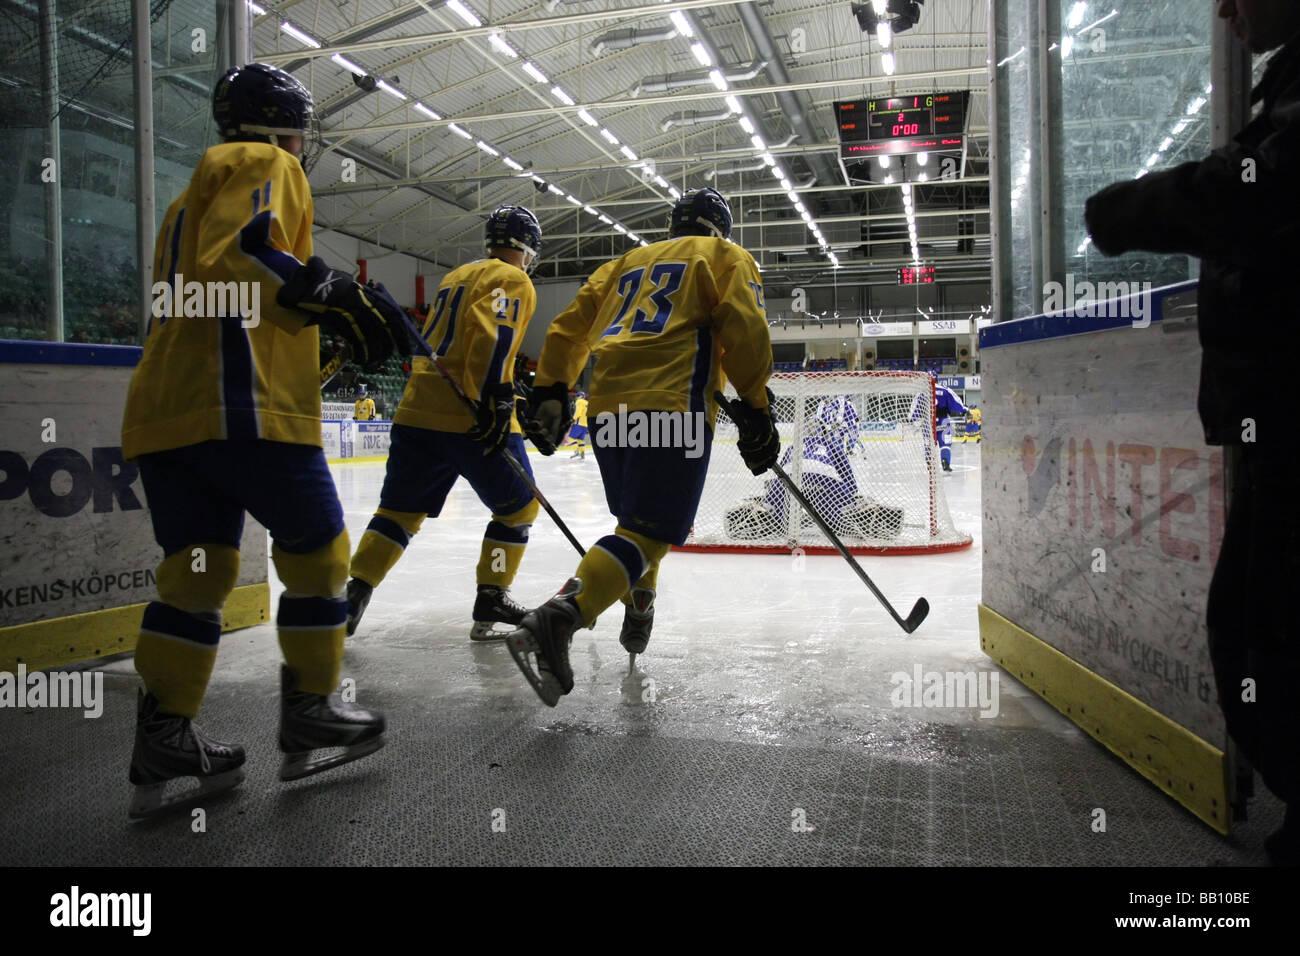 L'équipe suédoise entrant dans la glace dans une U18 tournoi de hockey sur glace. Photo Stock